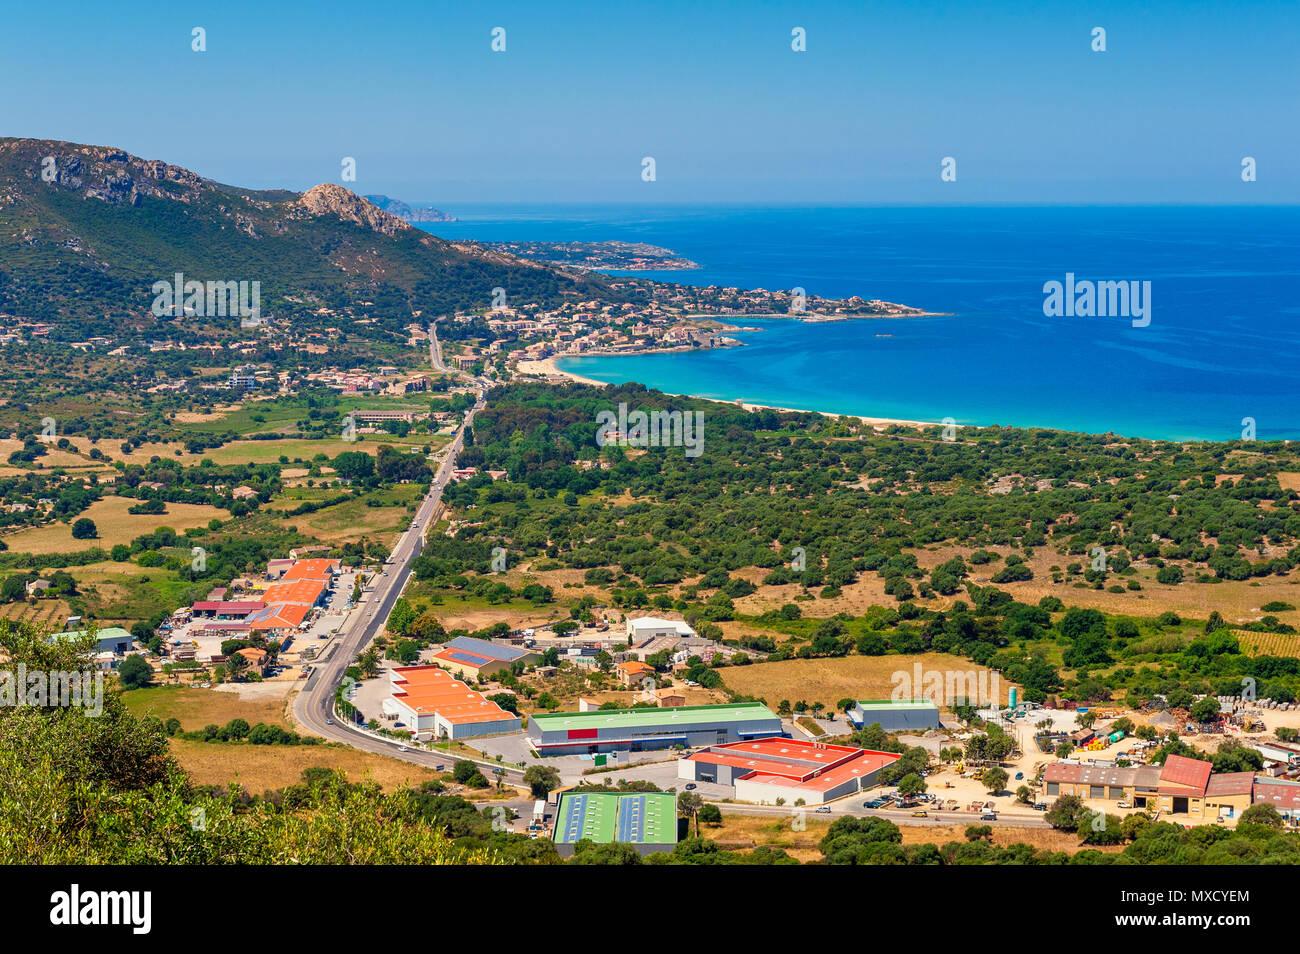 Un alto ángulo de visualización en la aldea de Algajola, Córcega, Francia Imagen De Stock